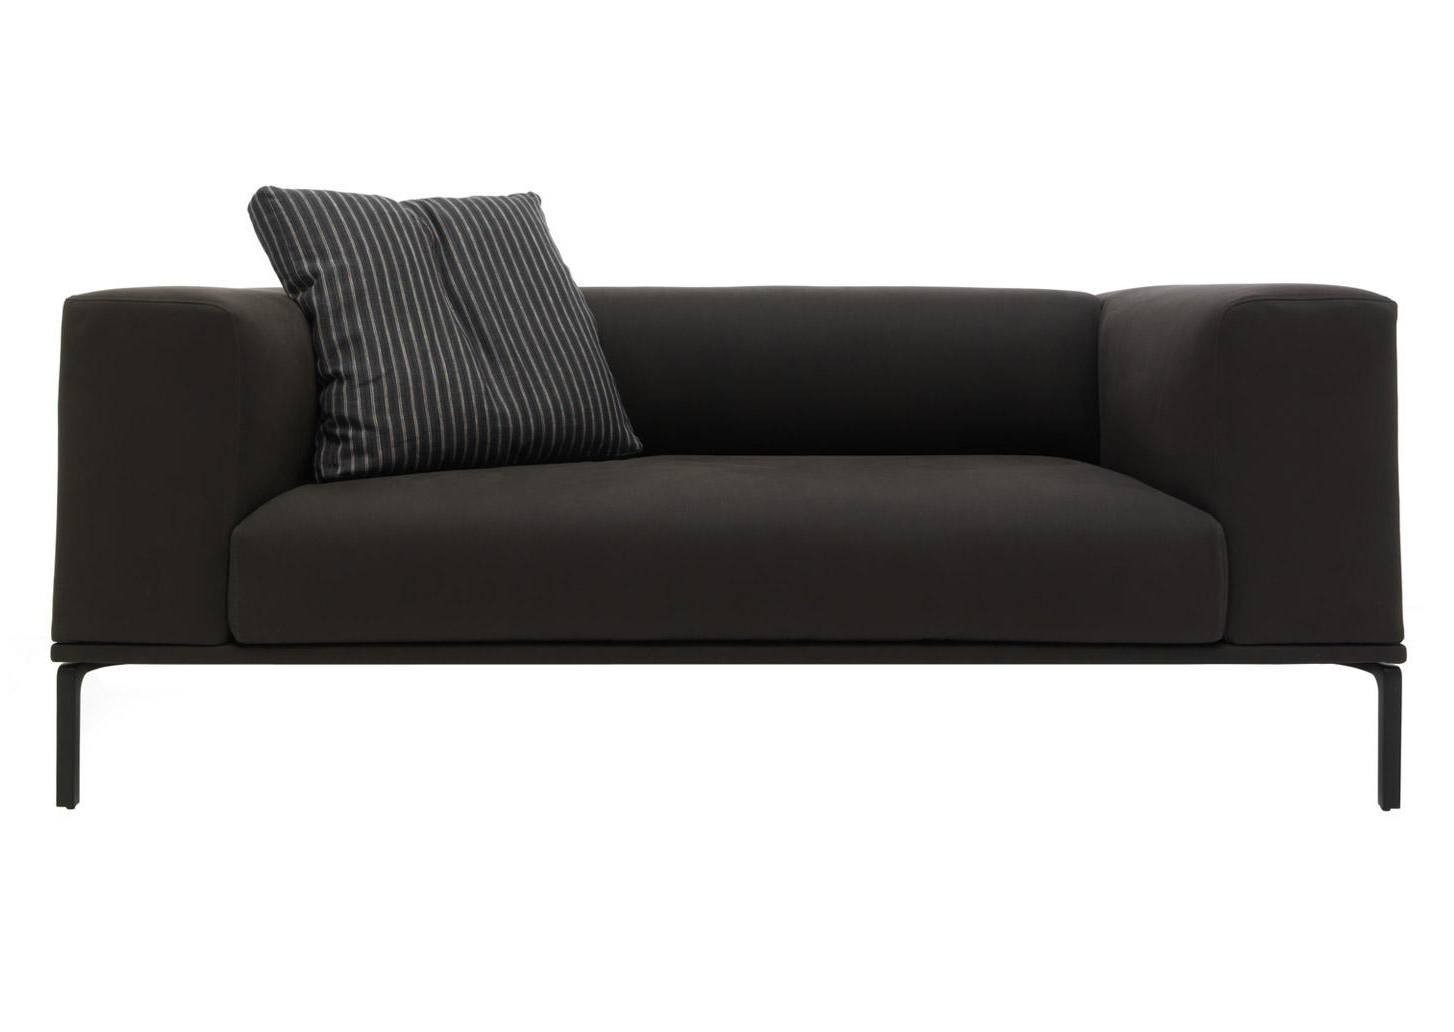 Cassina Moov Sofa